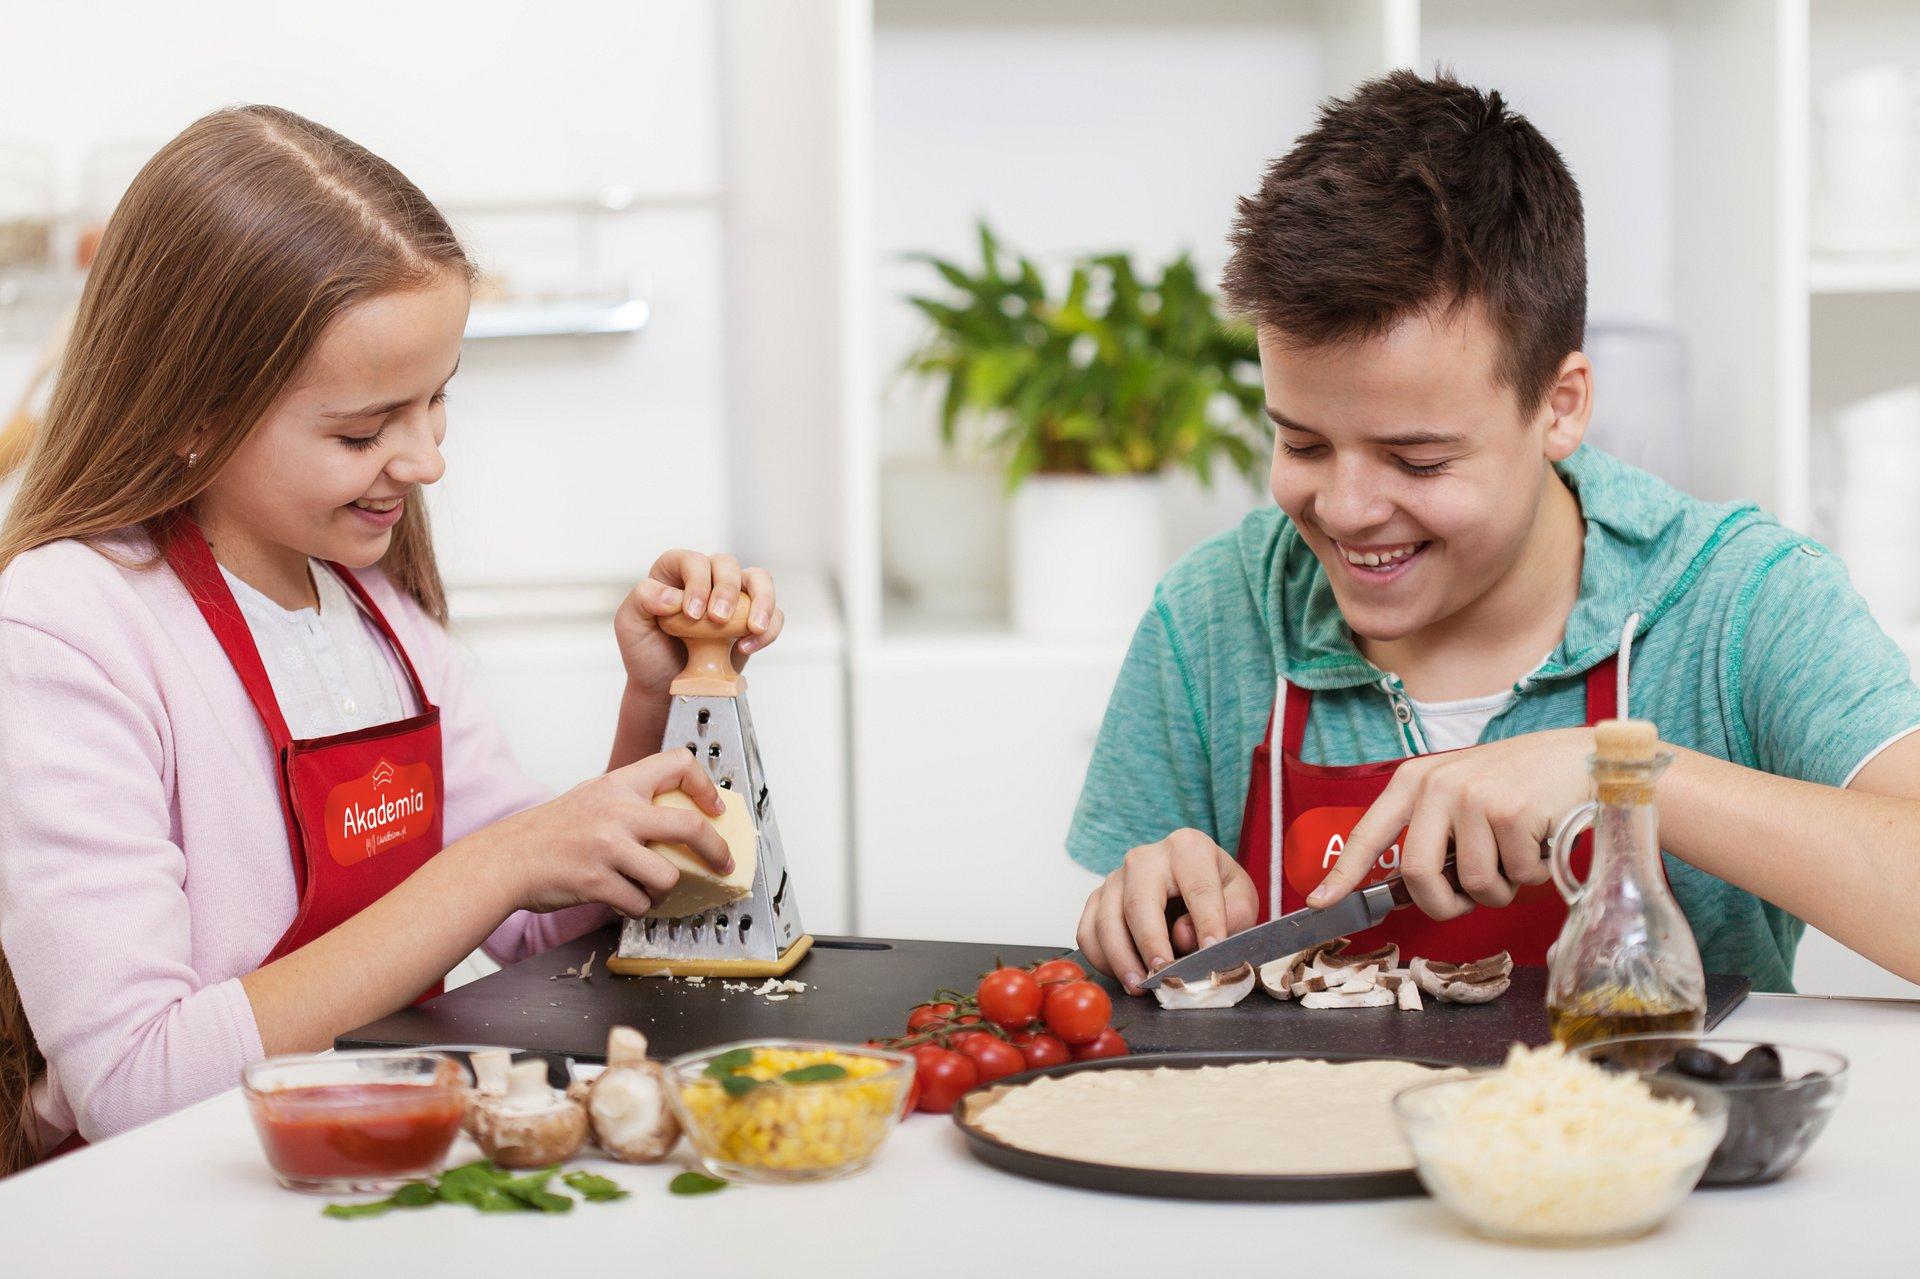 Rusza nowa edycja Akademii Uwielbiam – na uczniów czeka konkurs z nagrodami i solidna dawka wiedzy o prawidłowym odżywianiu.